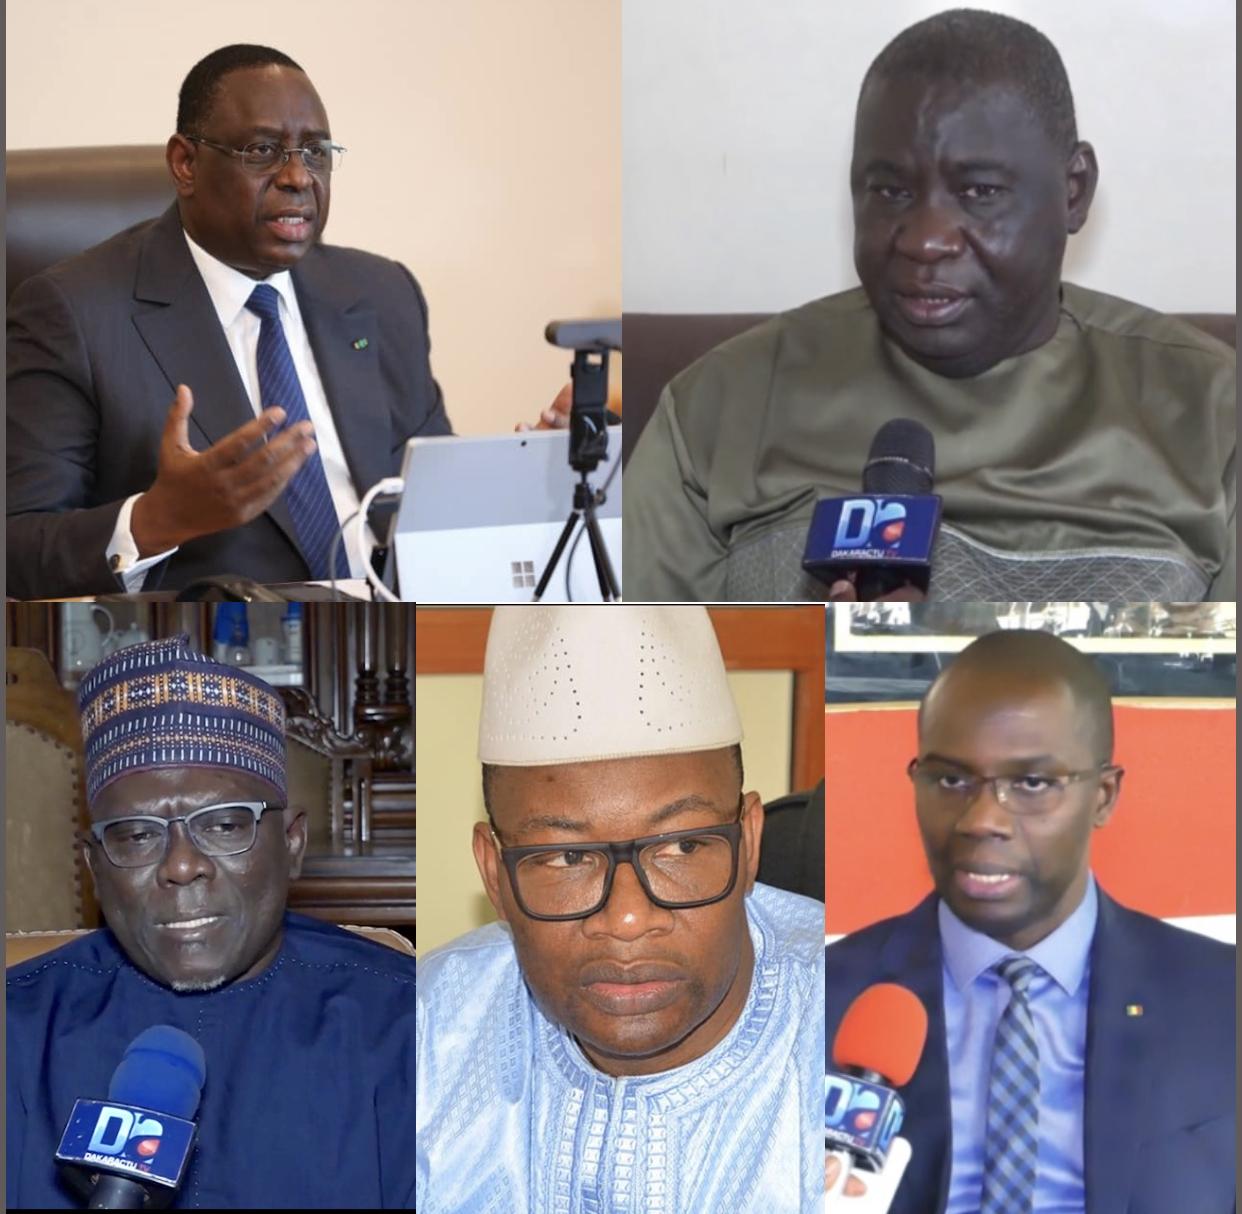 «Résignation» autour du 3e mandat : «Si une démocratie ne souffre pas de pluralité, d'équilibre et du droit à la différence, l'émergence reste un rêve» (Me Assane Dioma Ndiaye)